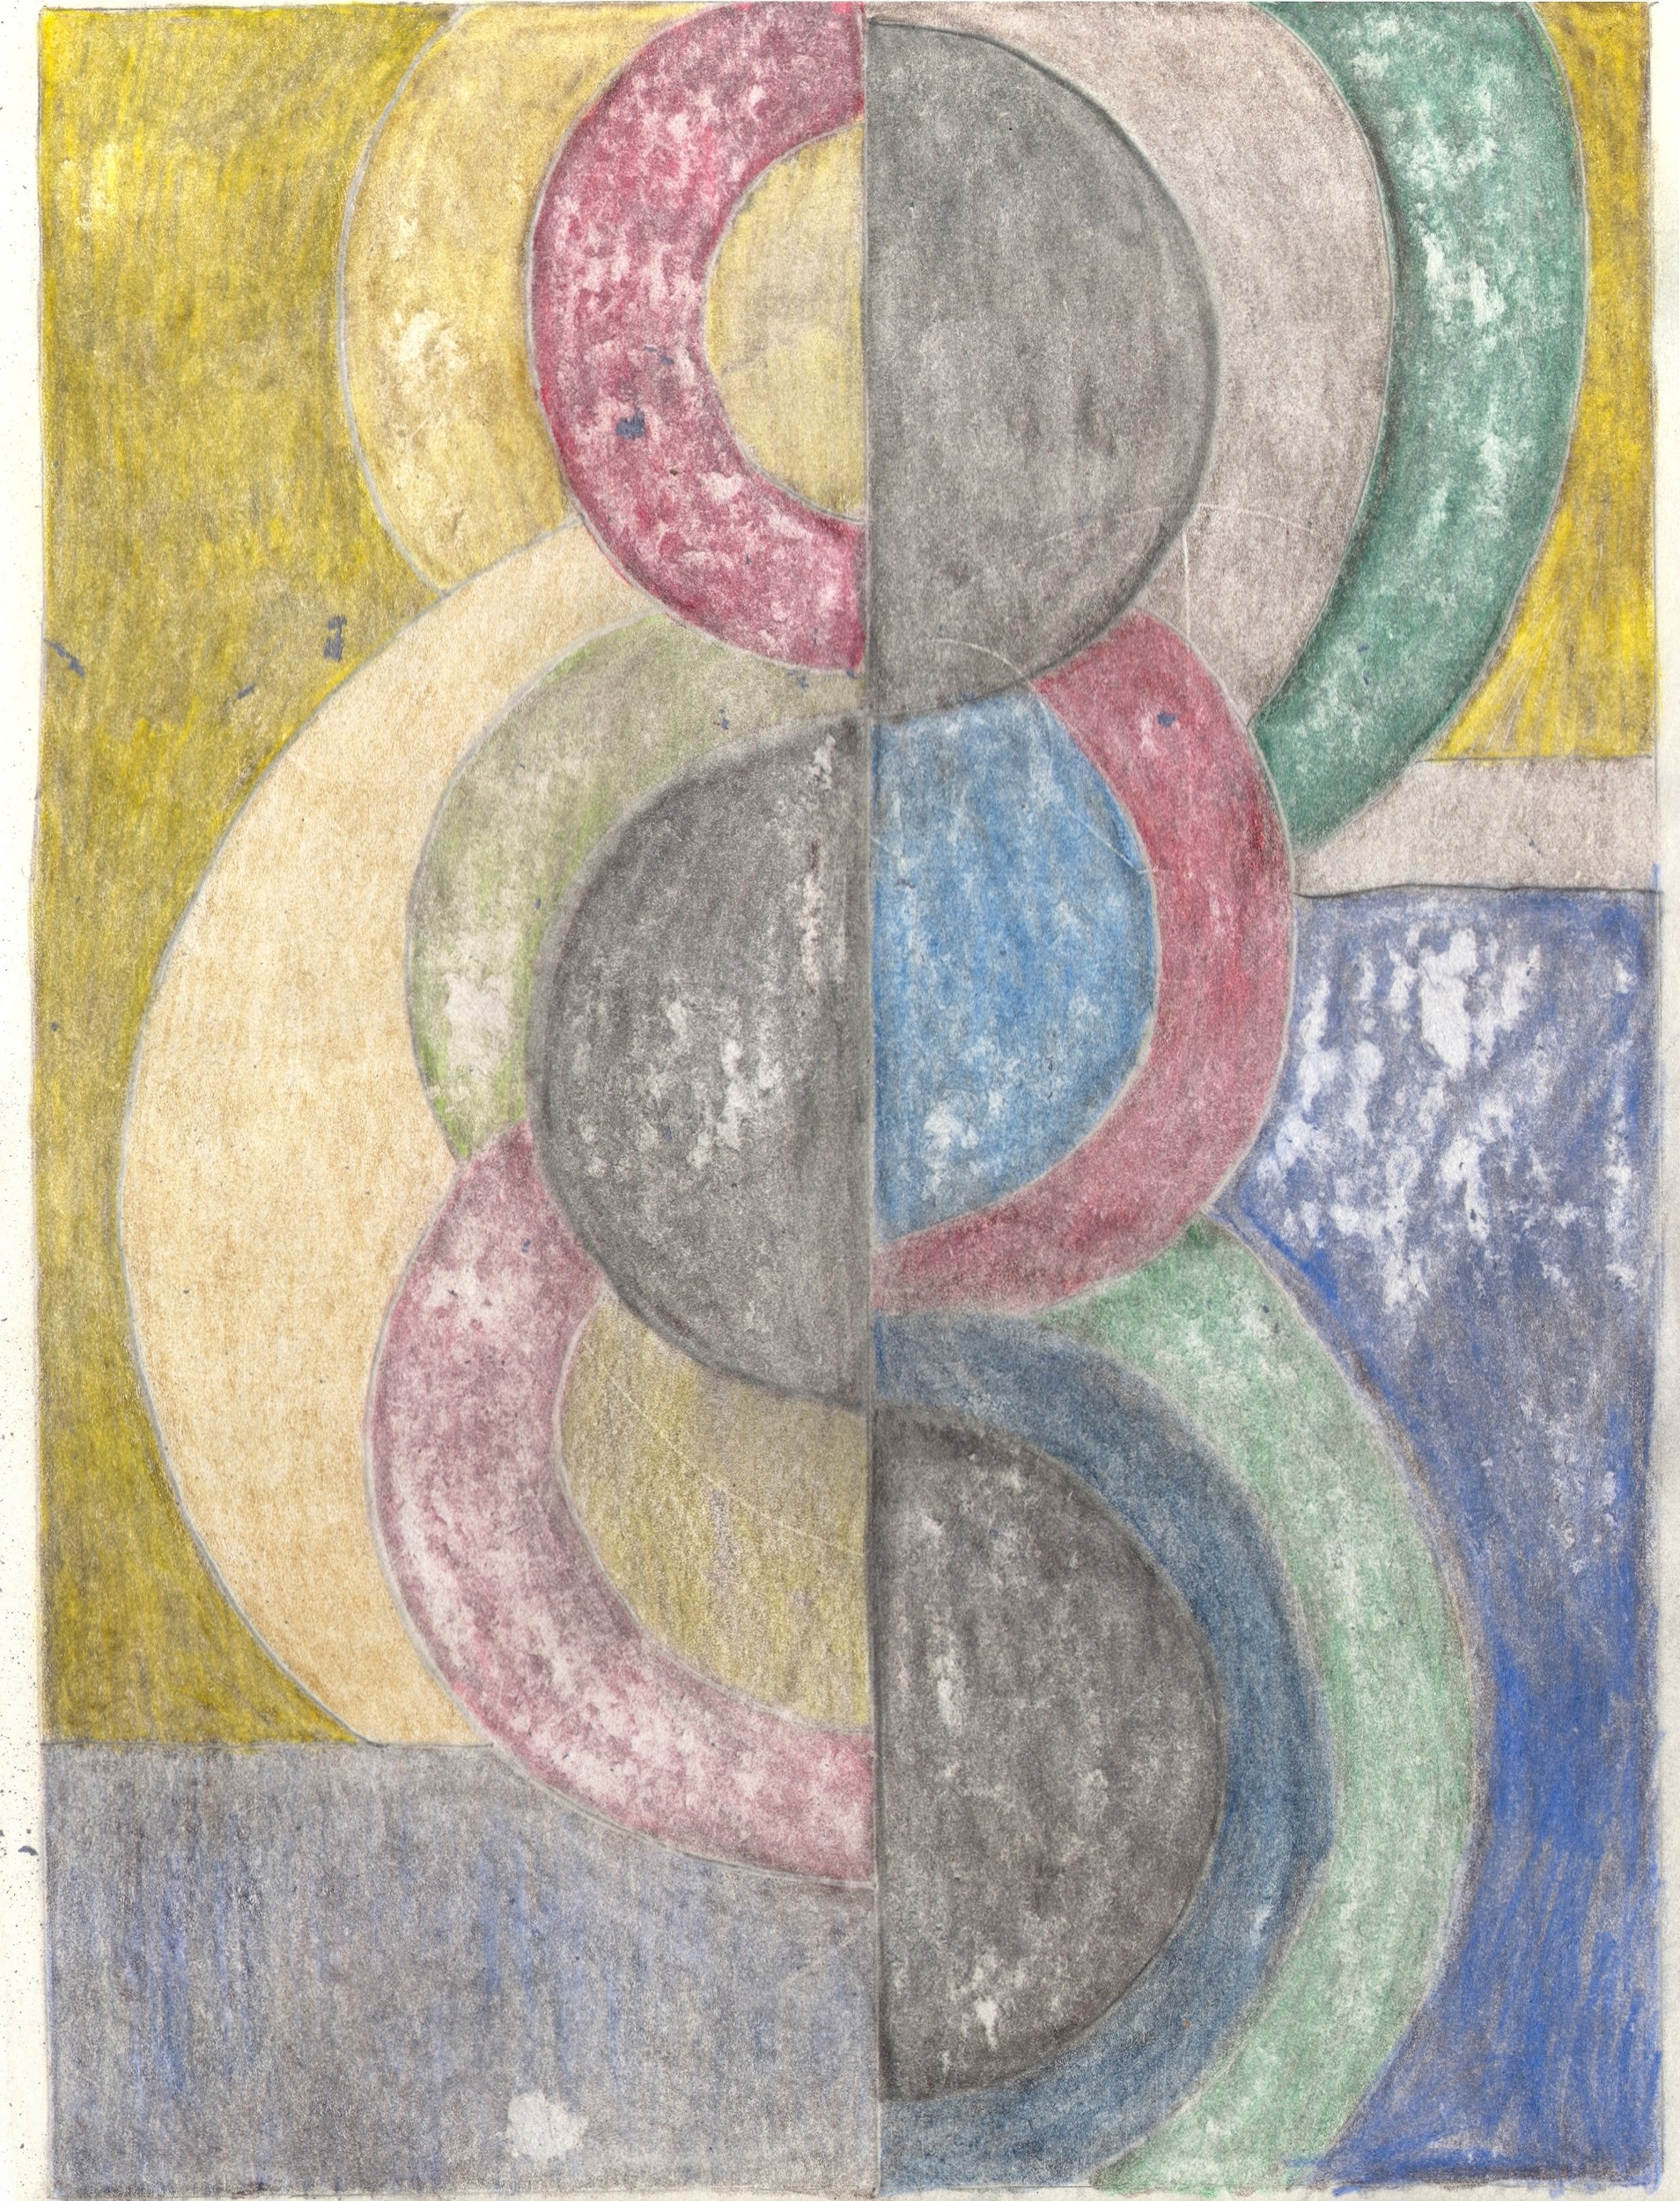 O.T. ( Serie Famlilie Delaunay 2 ), 2018  Bleistift auf Papier, 26x35.5cm